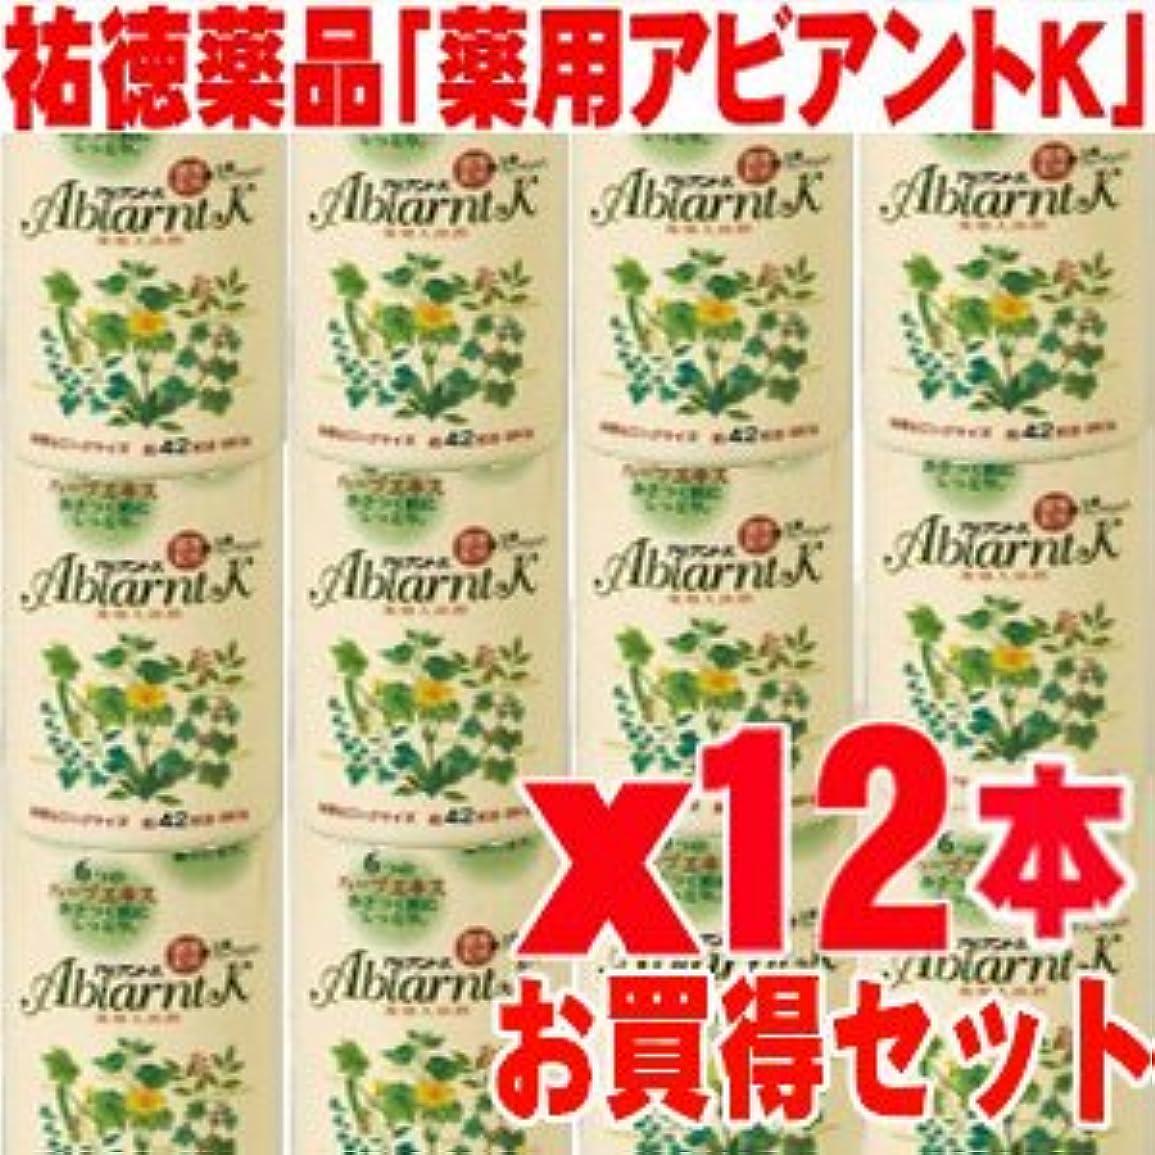 道徳の火曜日ドラフトアビアントK 薬用入浴剤 850gx12本 (総合計10.2kg)4987235024123